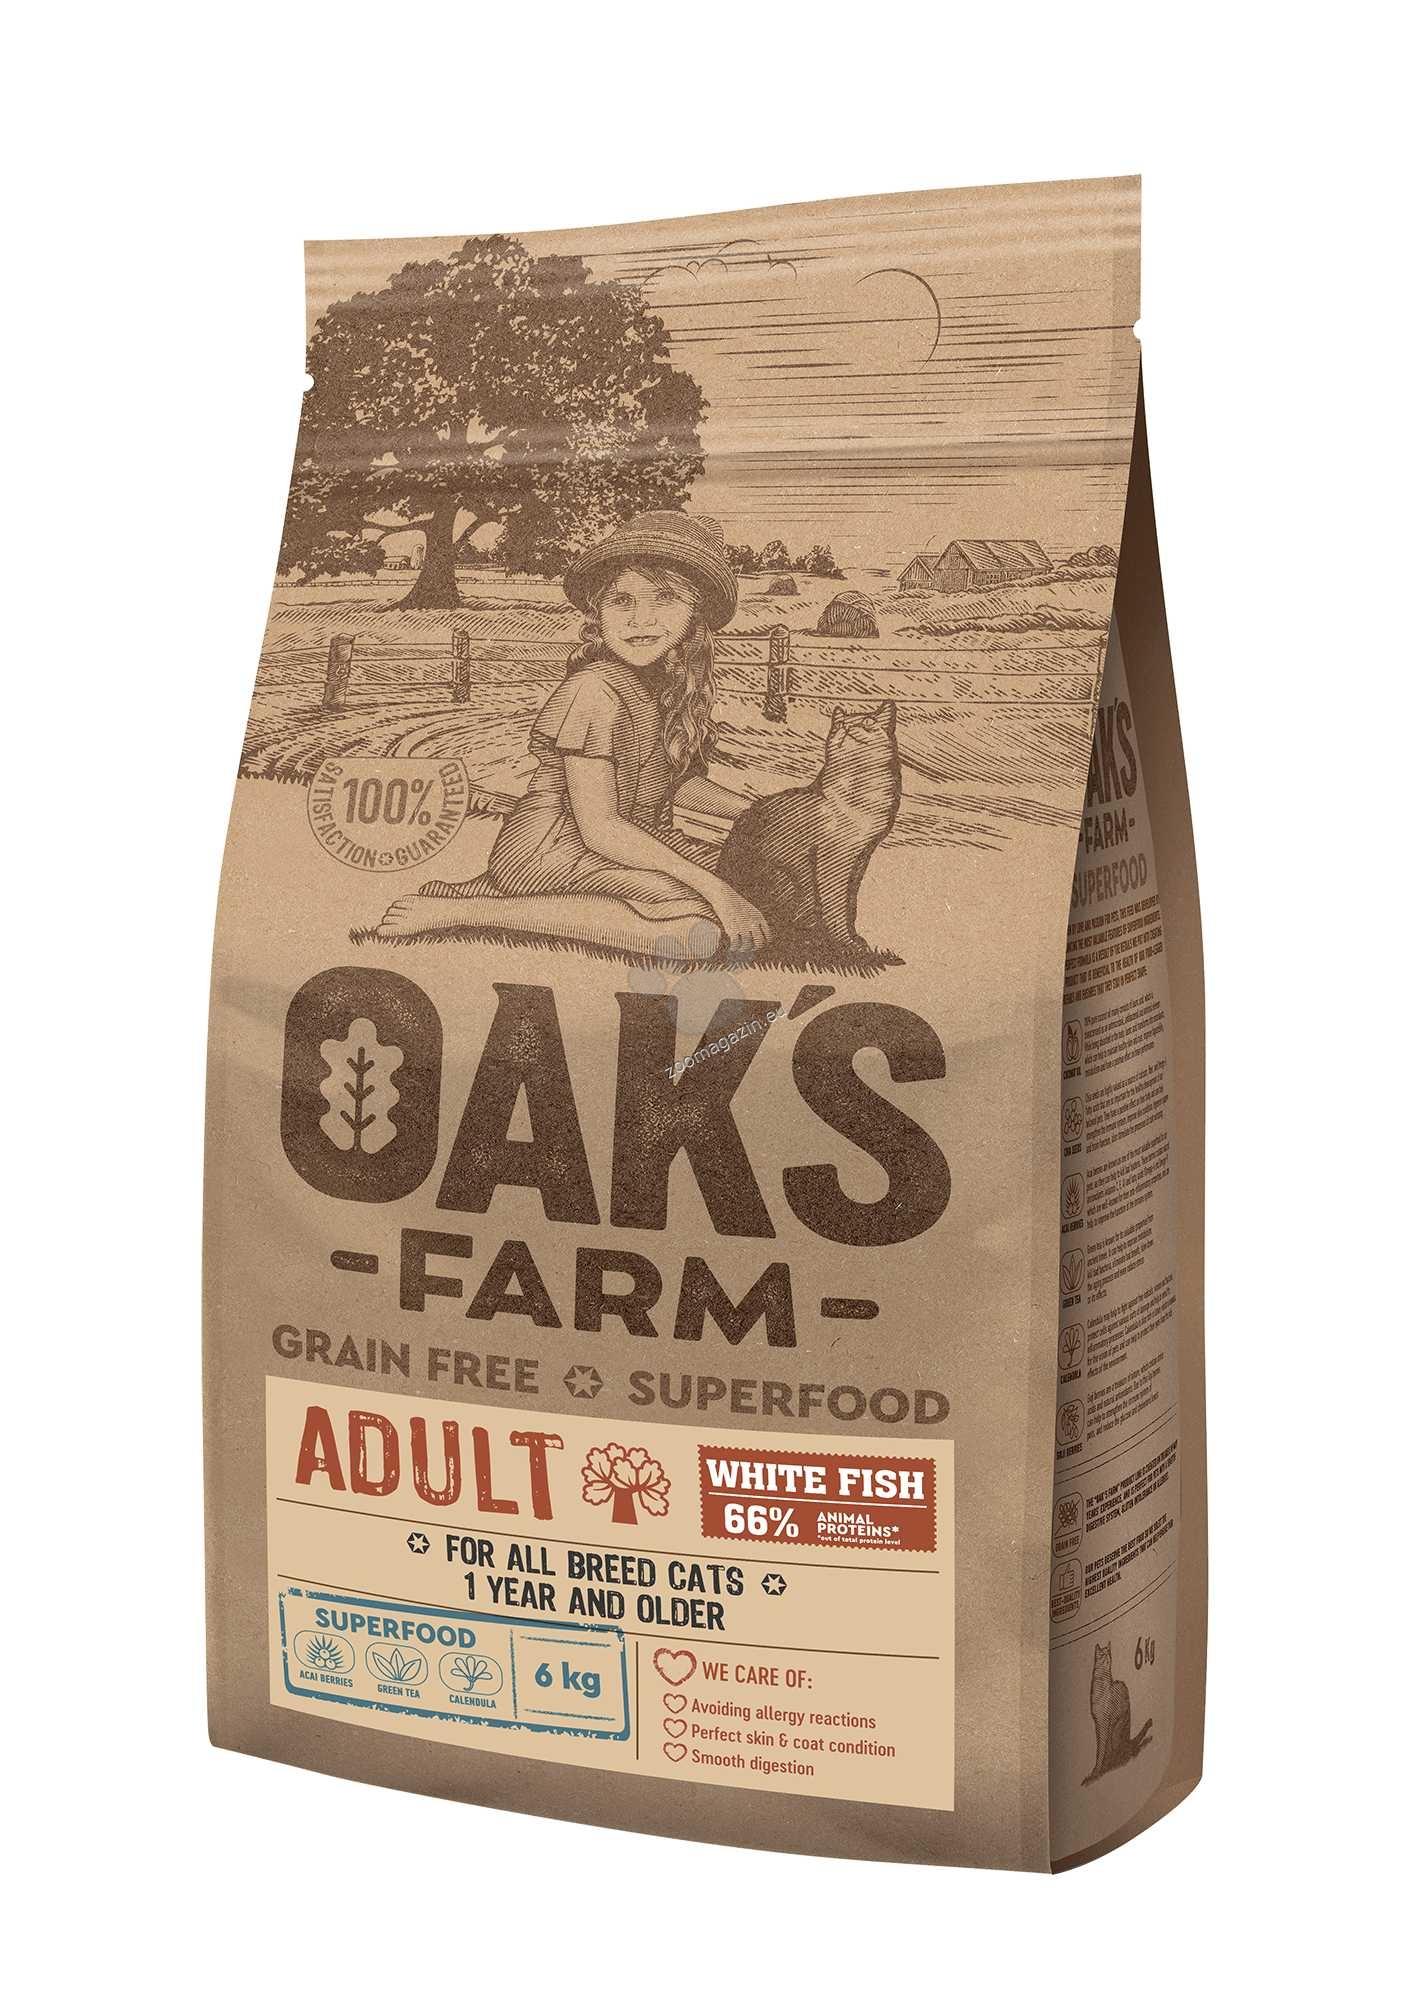 Oaks Farm Grain Free White Fish Adult Cat - пълноценна храна без зърнени култури с бяла риба за пораснали котки над 1 година 18 кг.